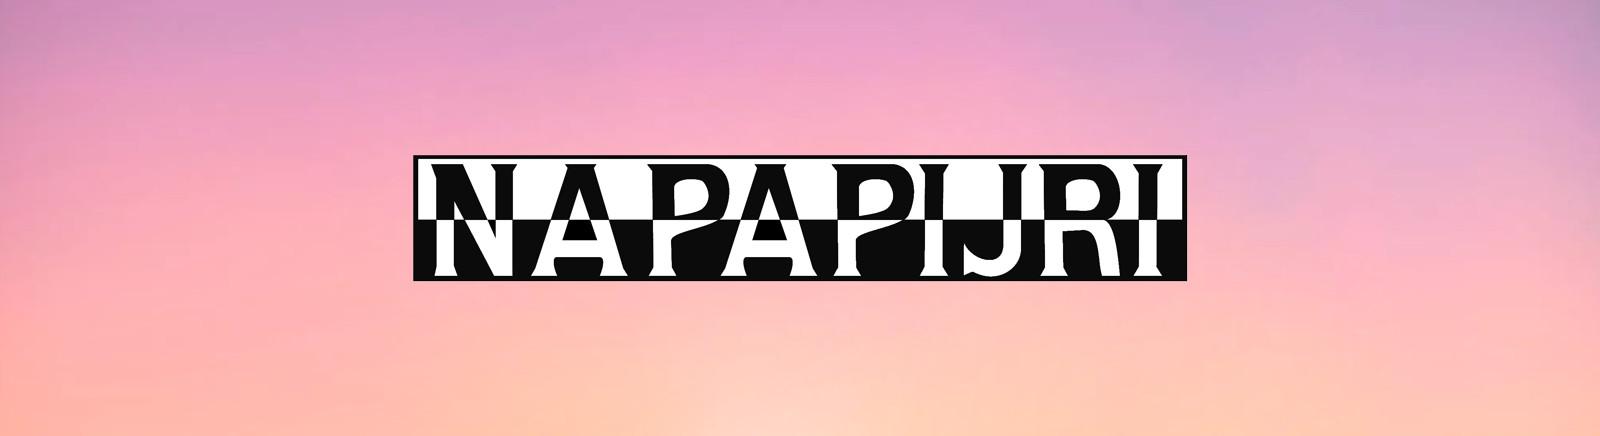 Napapijri Herrenschuhe online kaufen im Shop von GISY